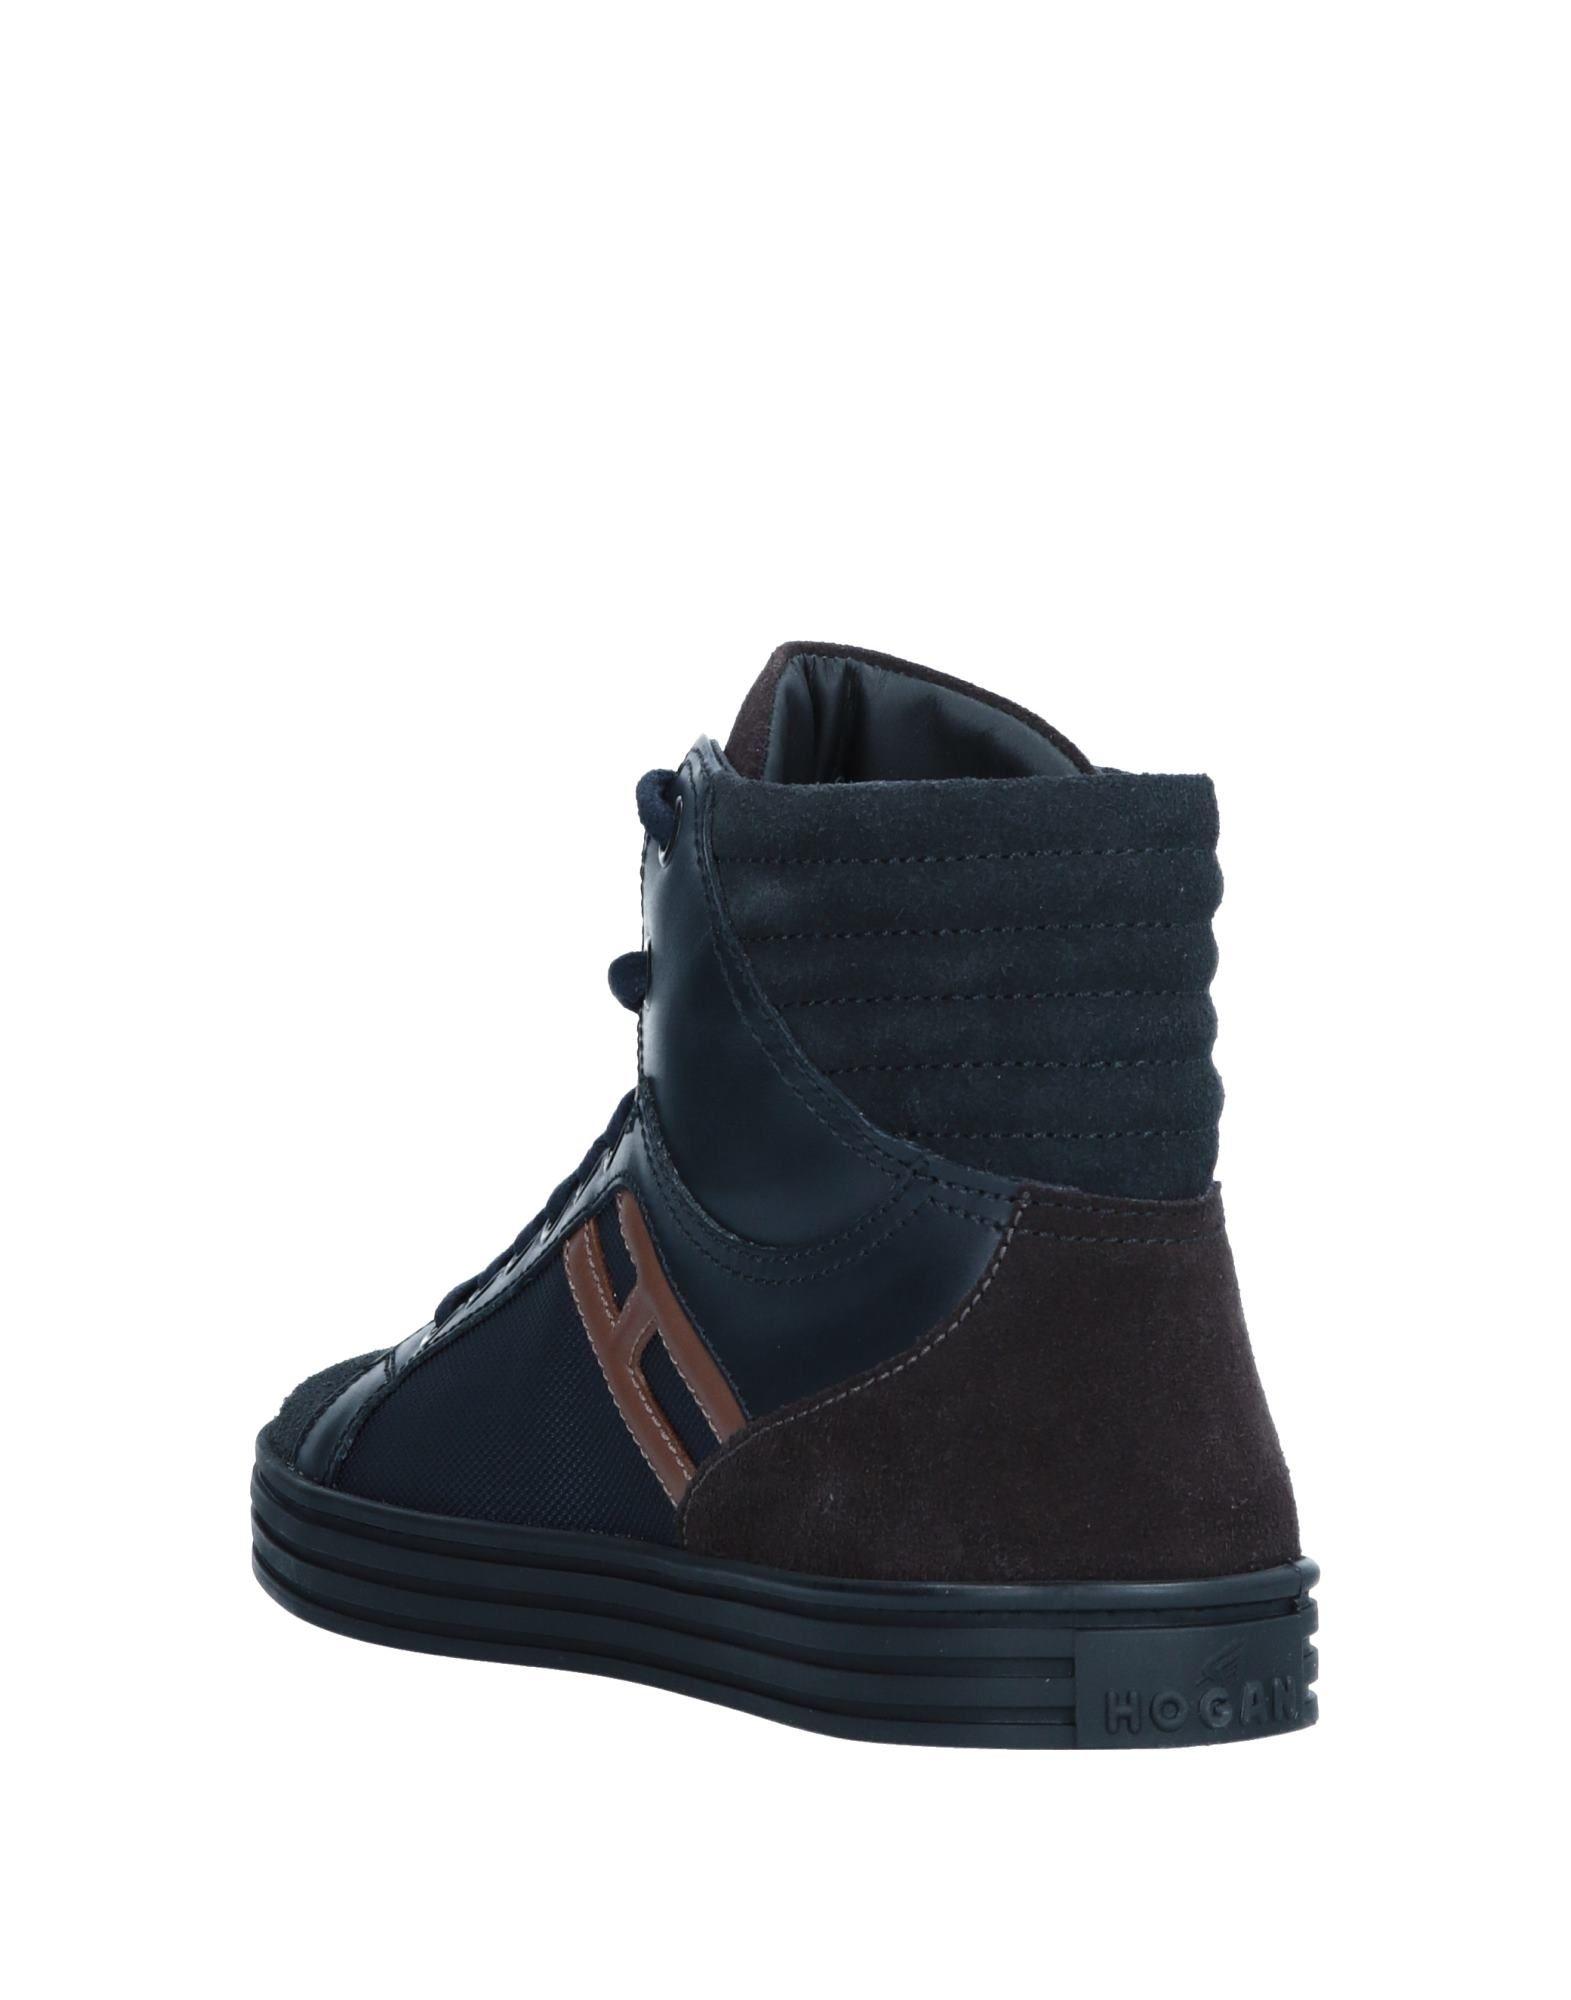 Hogan Rebel Sneakers Herren  11556568KD Gute Qualität beliebte Schuhe